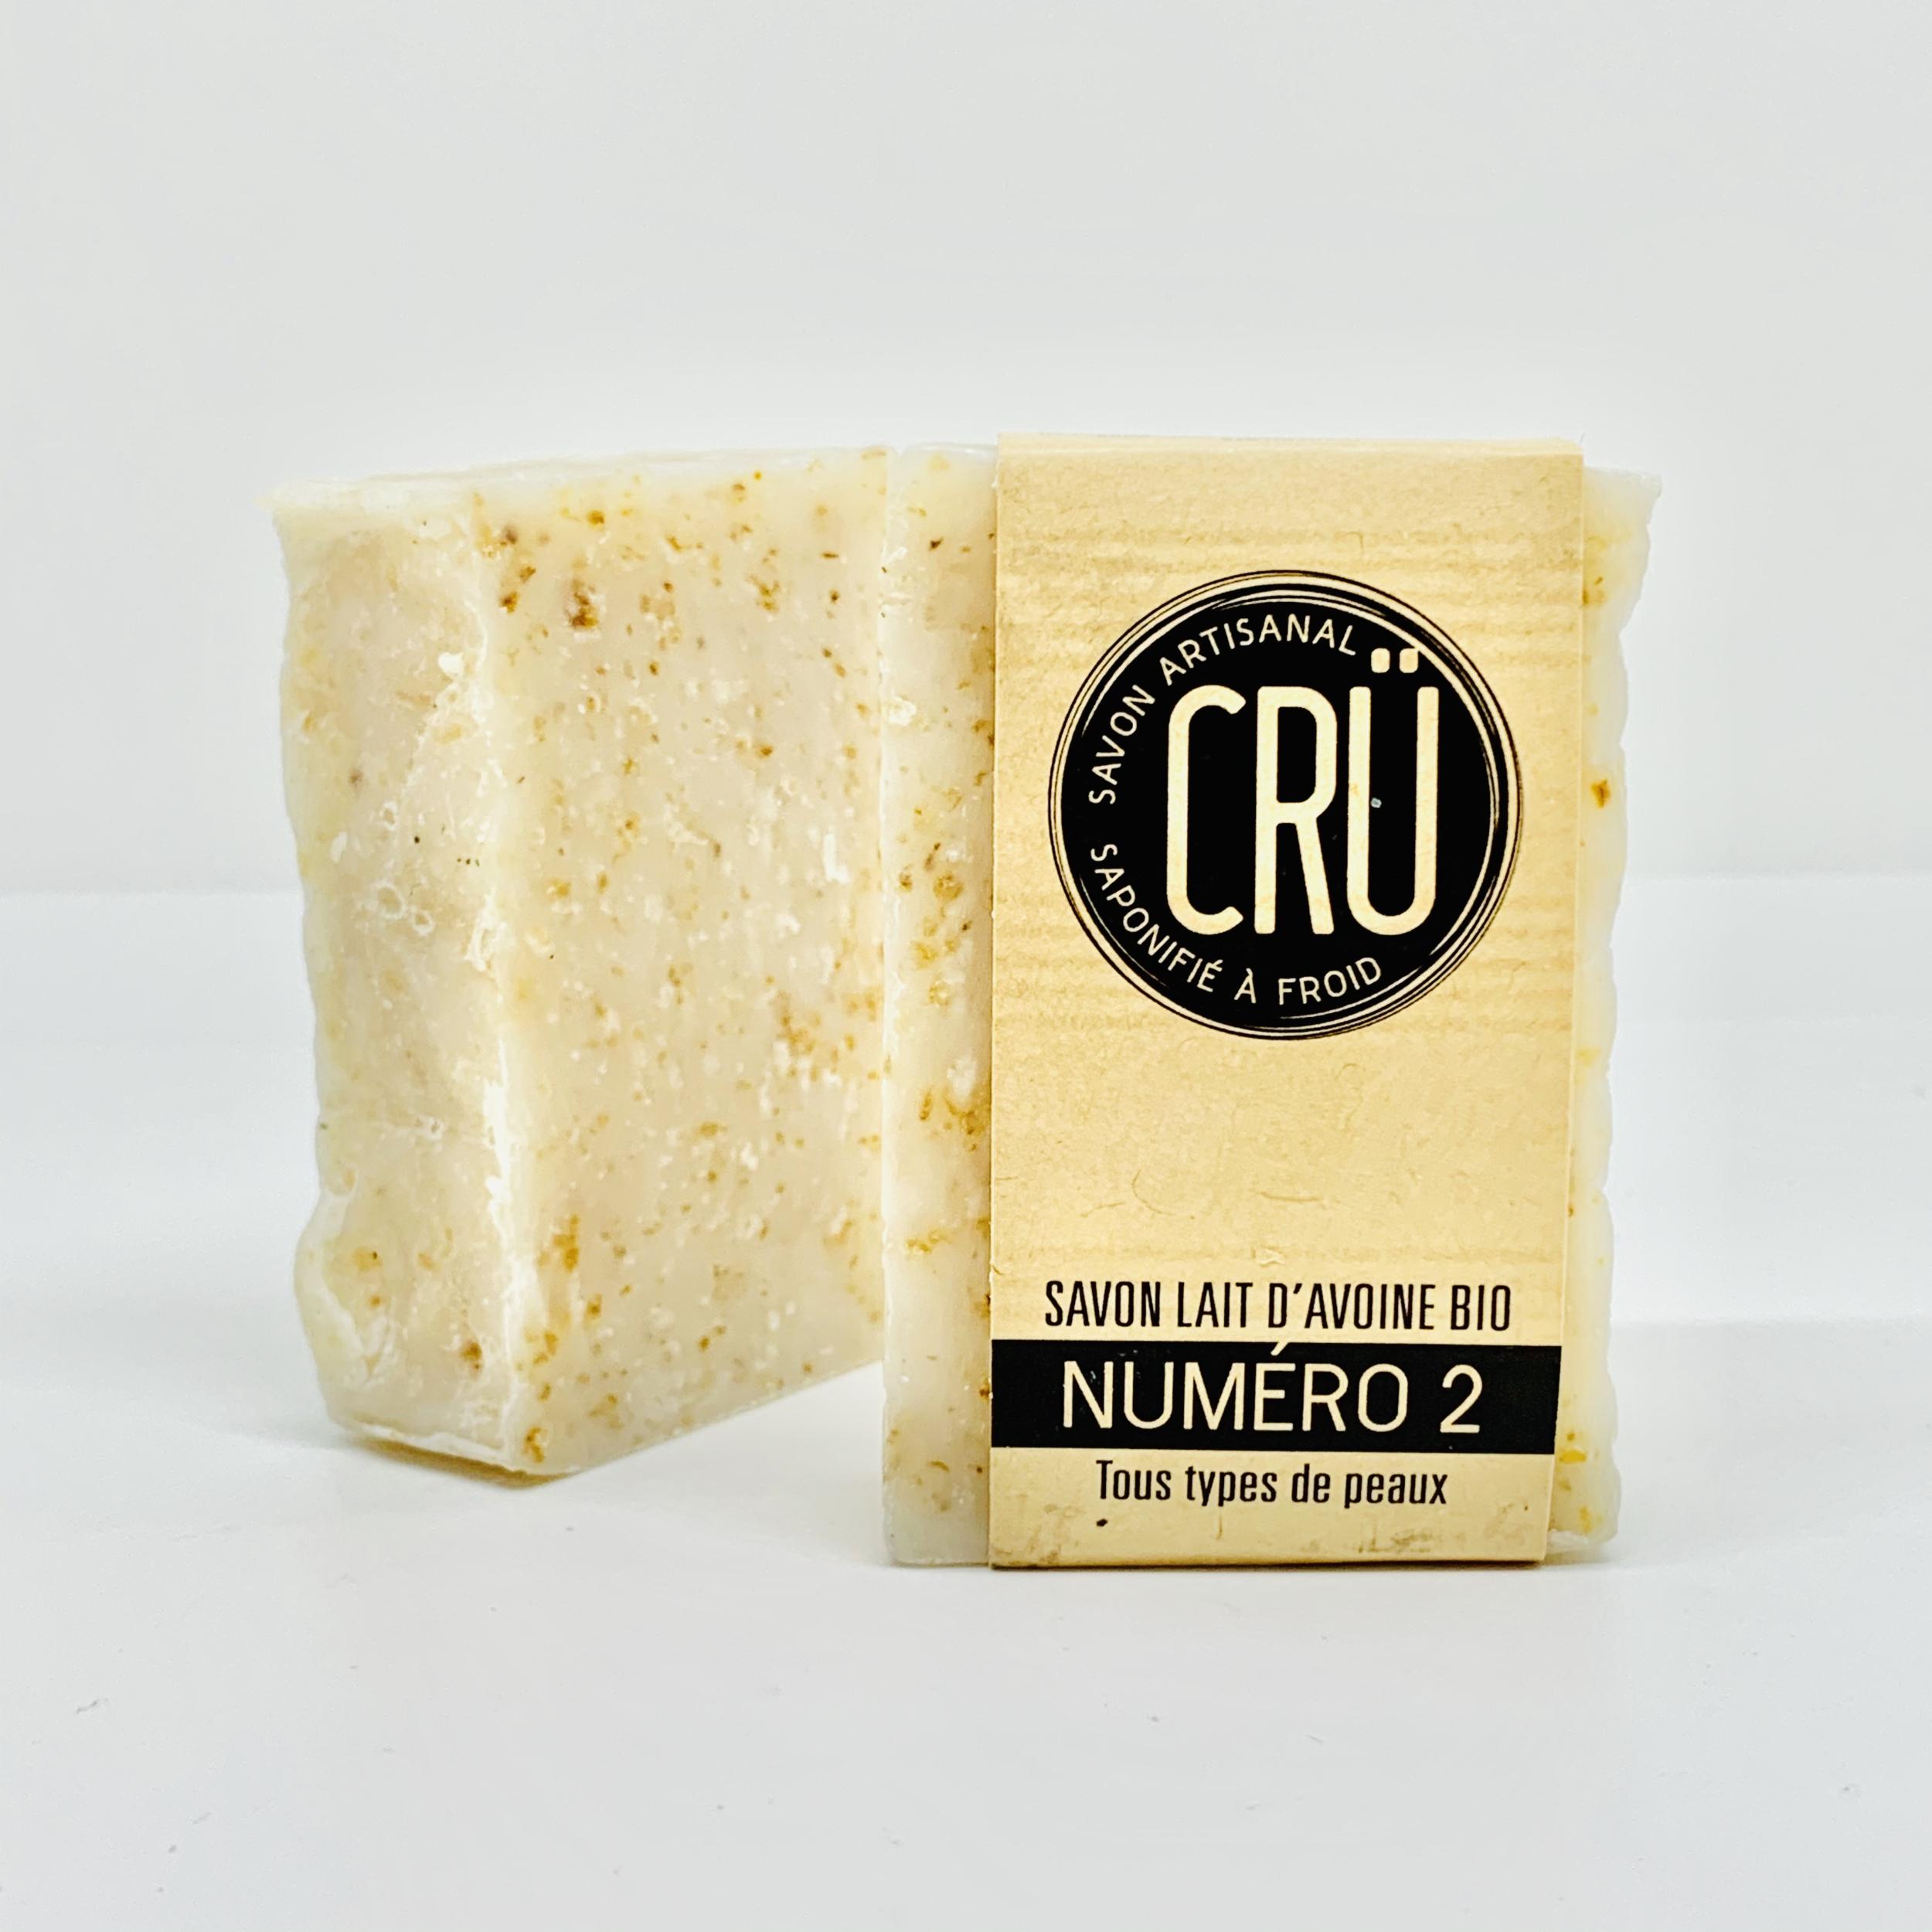 savon artisanal bio CRU n°2